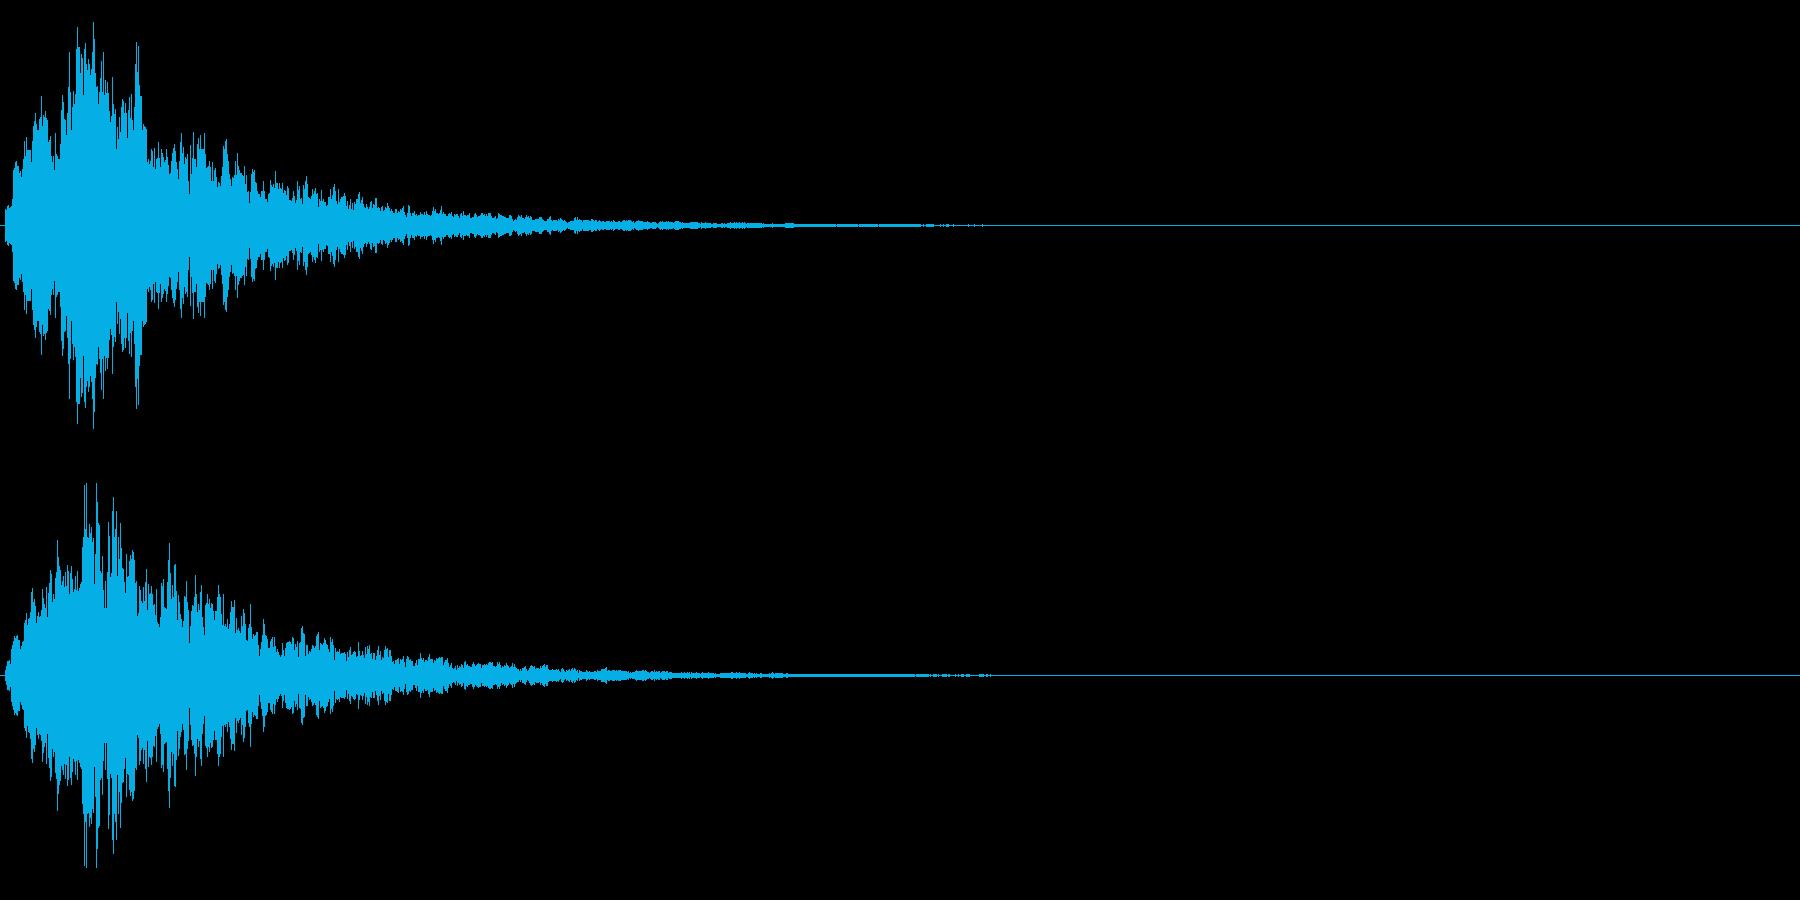 ゲームスタート、決定、ボタン音-012の再生済みの波形